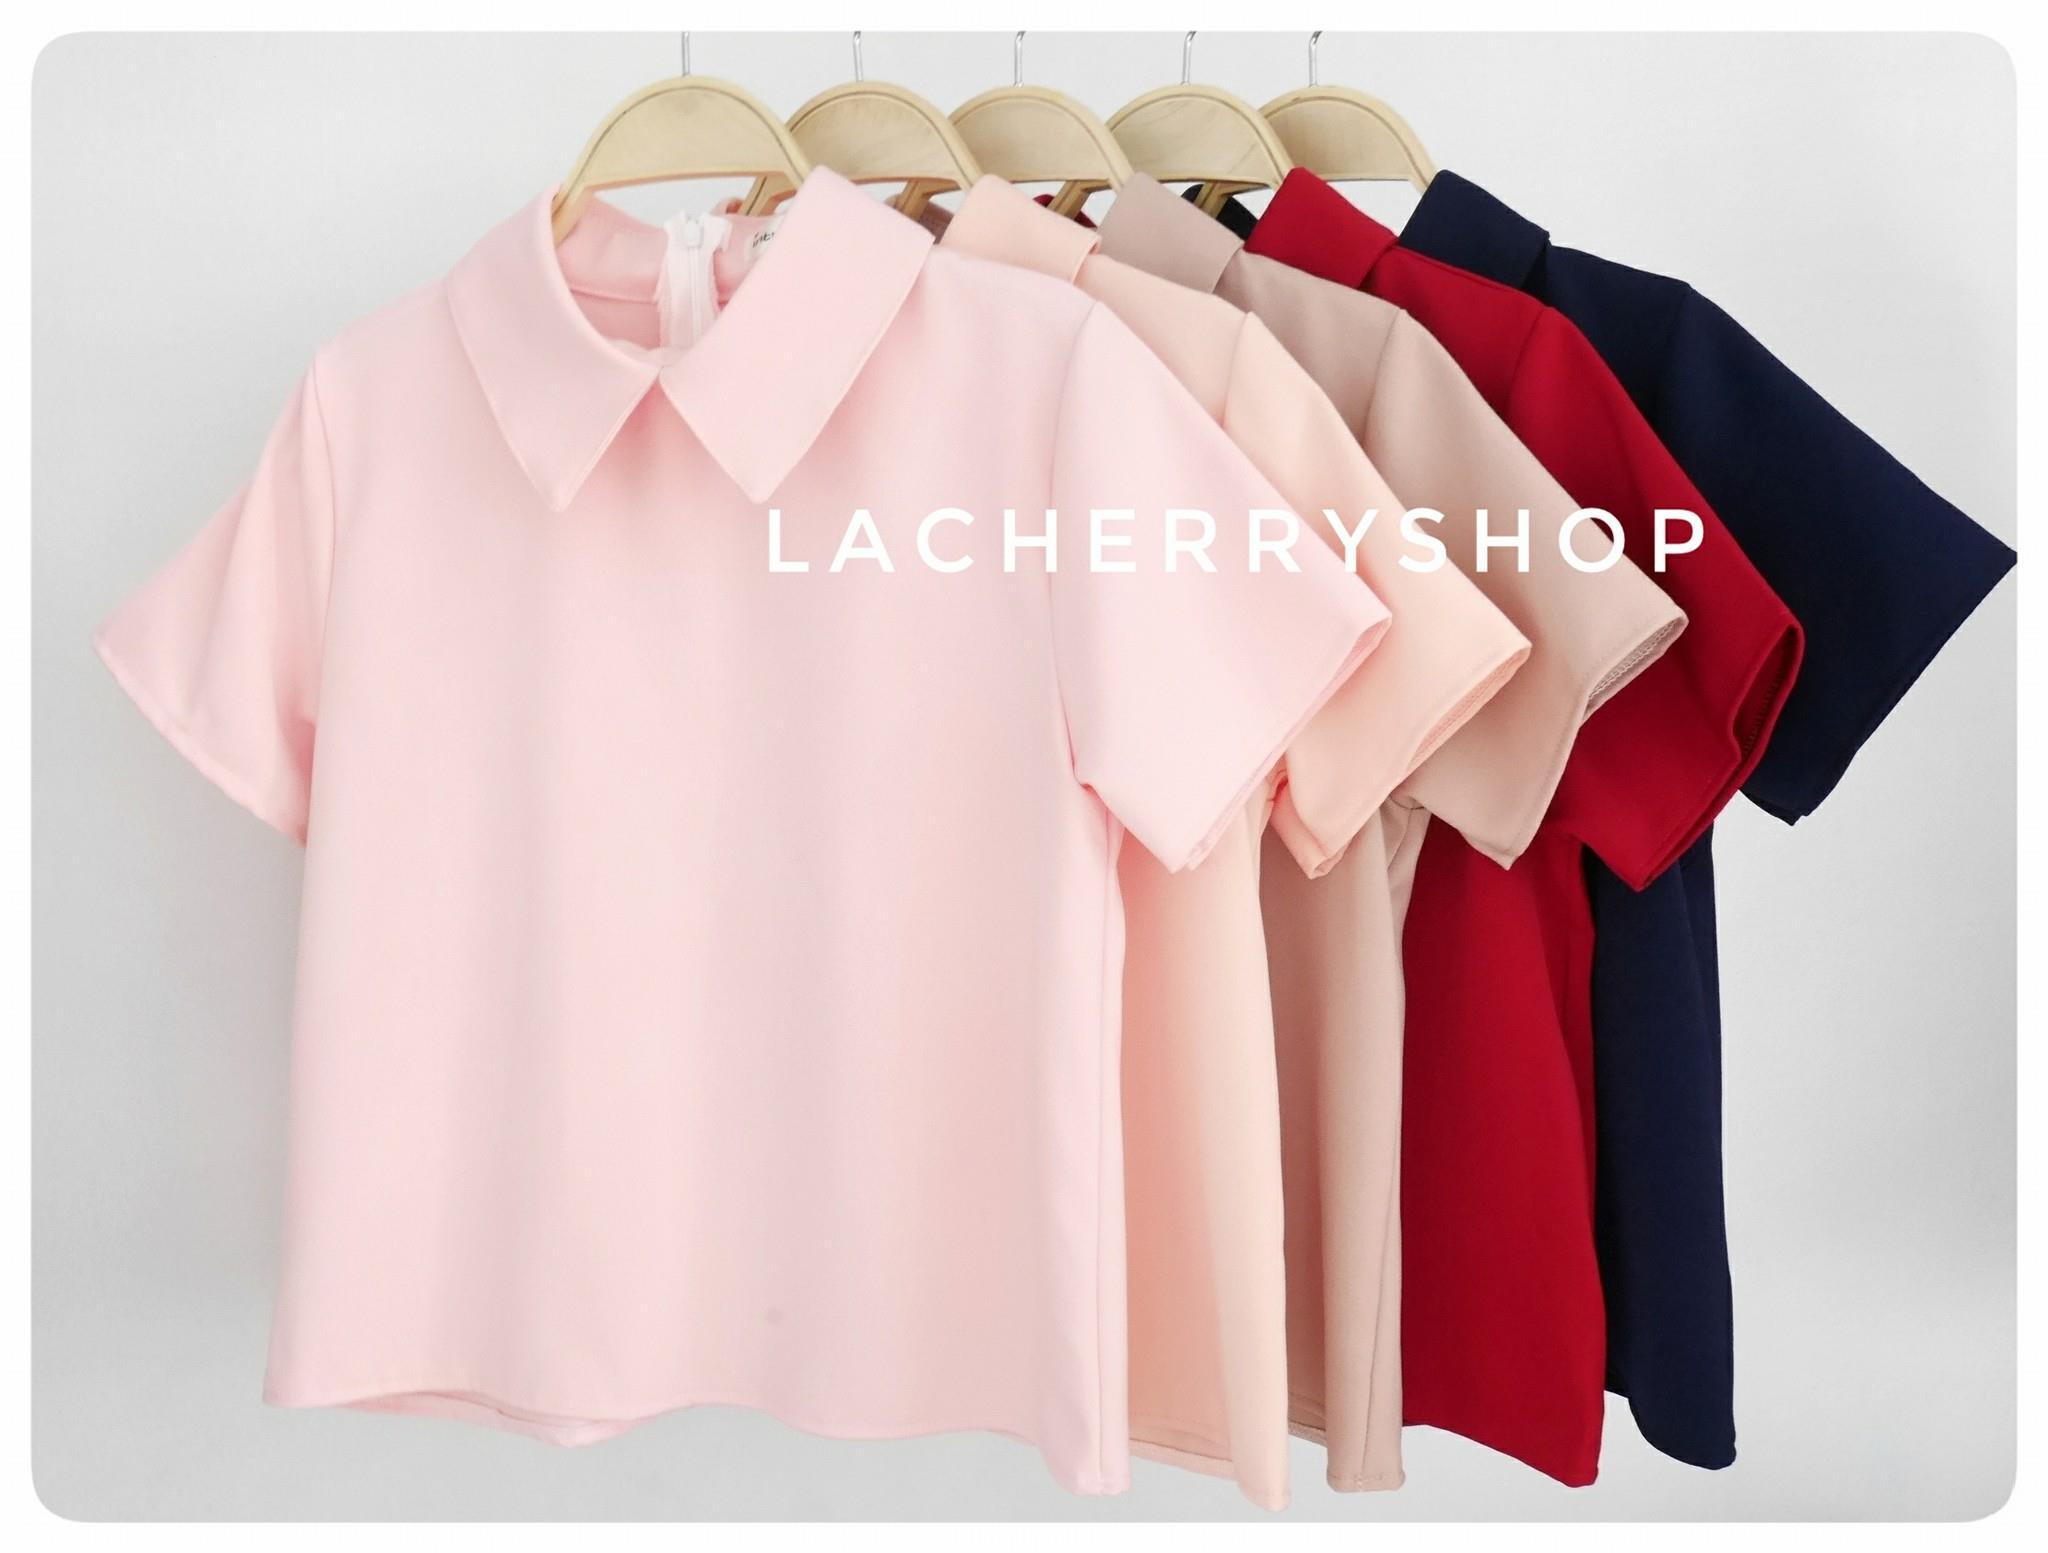 เสื้อแฟชั่นผ้าฮานาโกะ (สีชมพู) รุ่นปกแหลม แบบสวยเก๋ สีพื้น แมทง่าย ใส่สบาย ไม่มีเอ้าท์